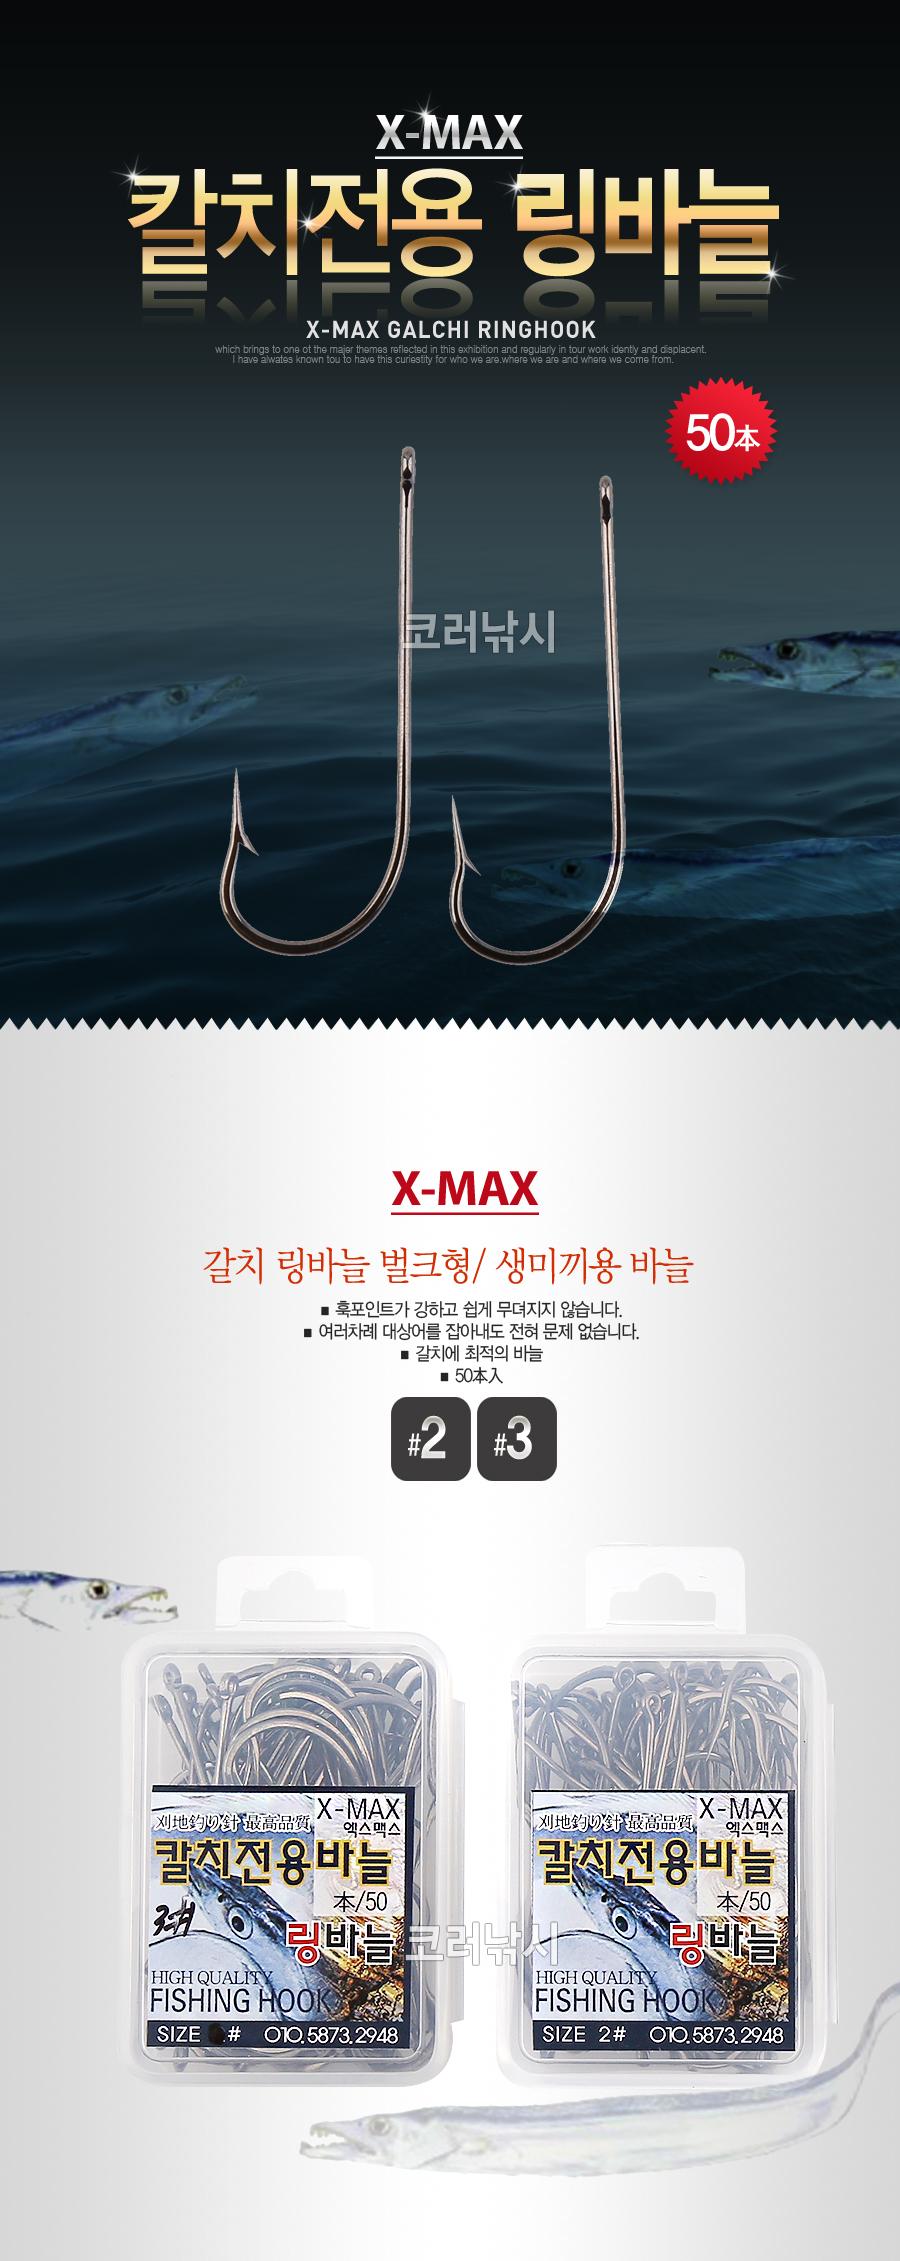 X-MAX 칼치전용 링바늘 (50본) 칼치바늘 갈치바늘 칼치전용바늘 갈치전용바늘